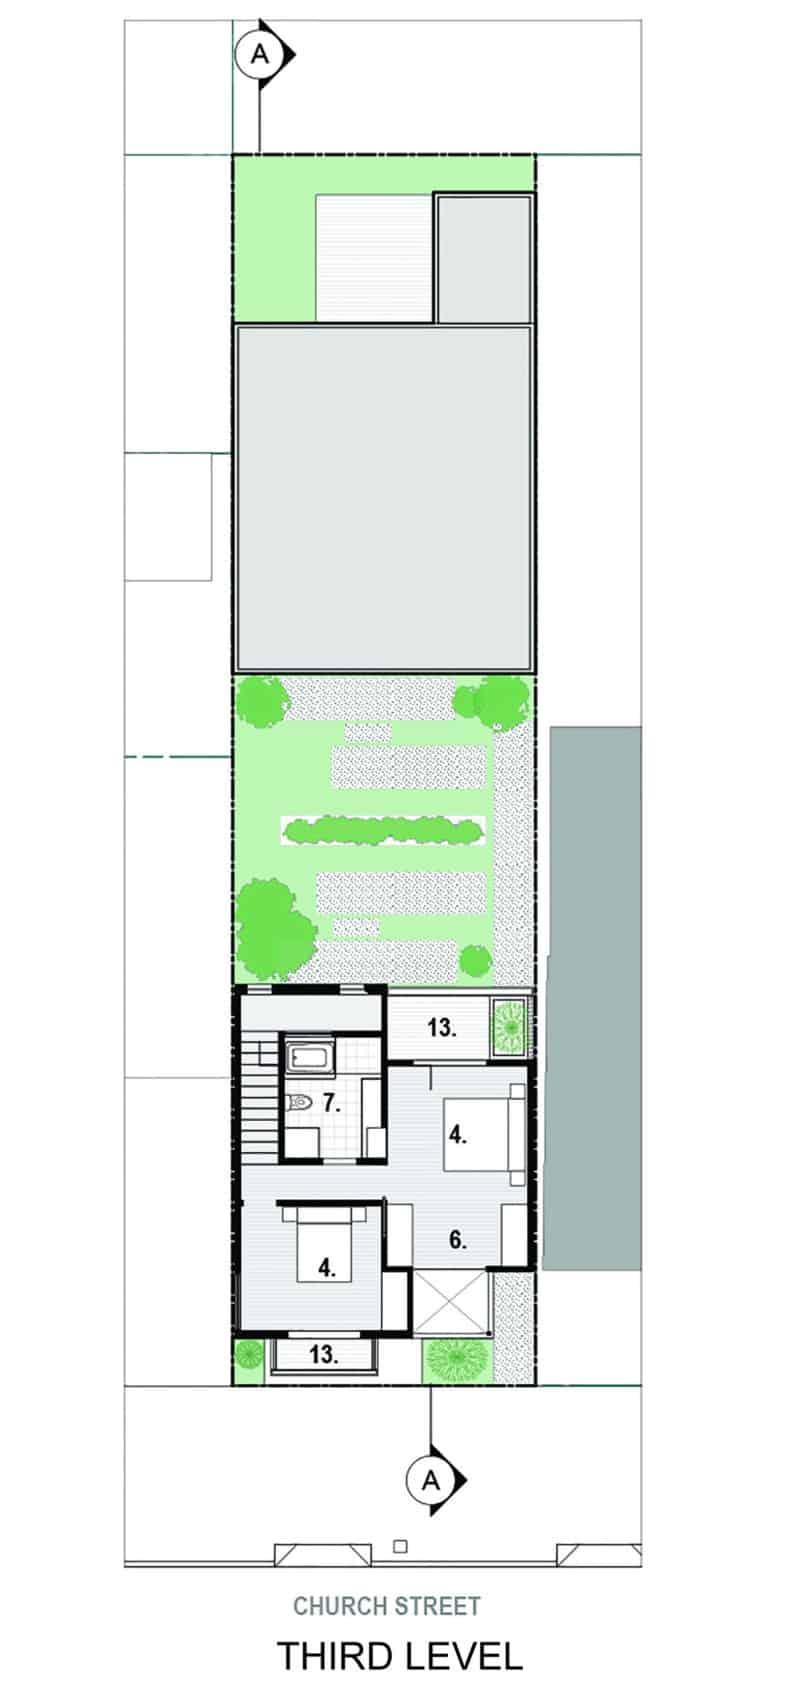 Steelhouse 1 + 2 by Zack   de Vito Architecture (15)